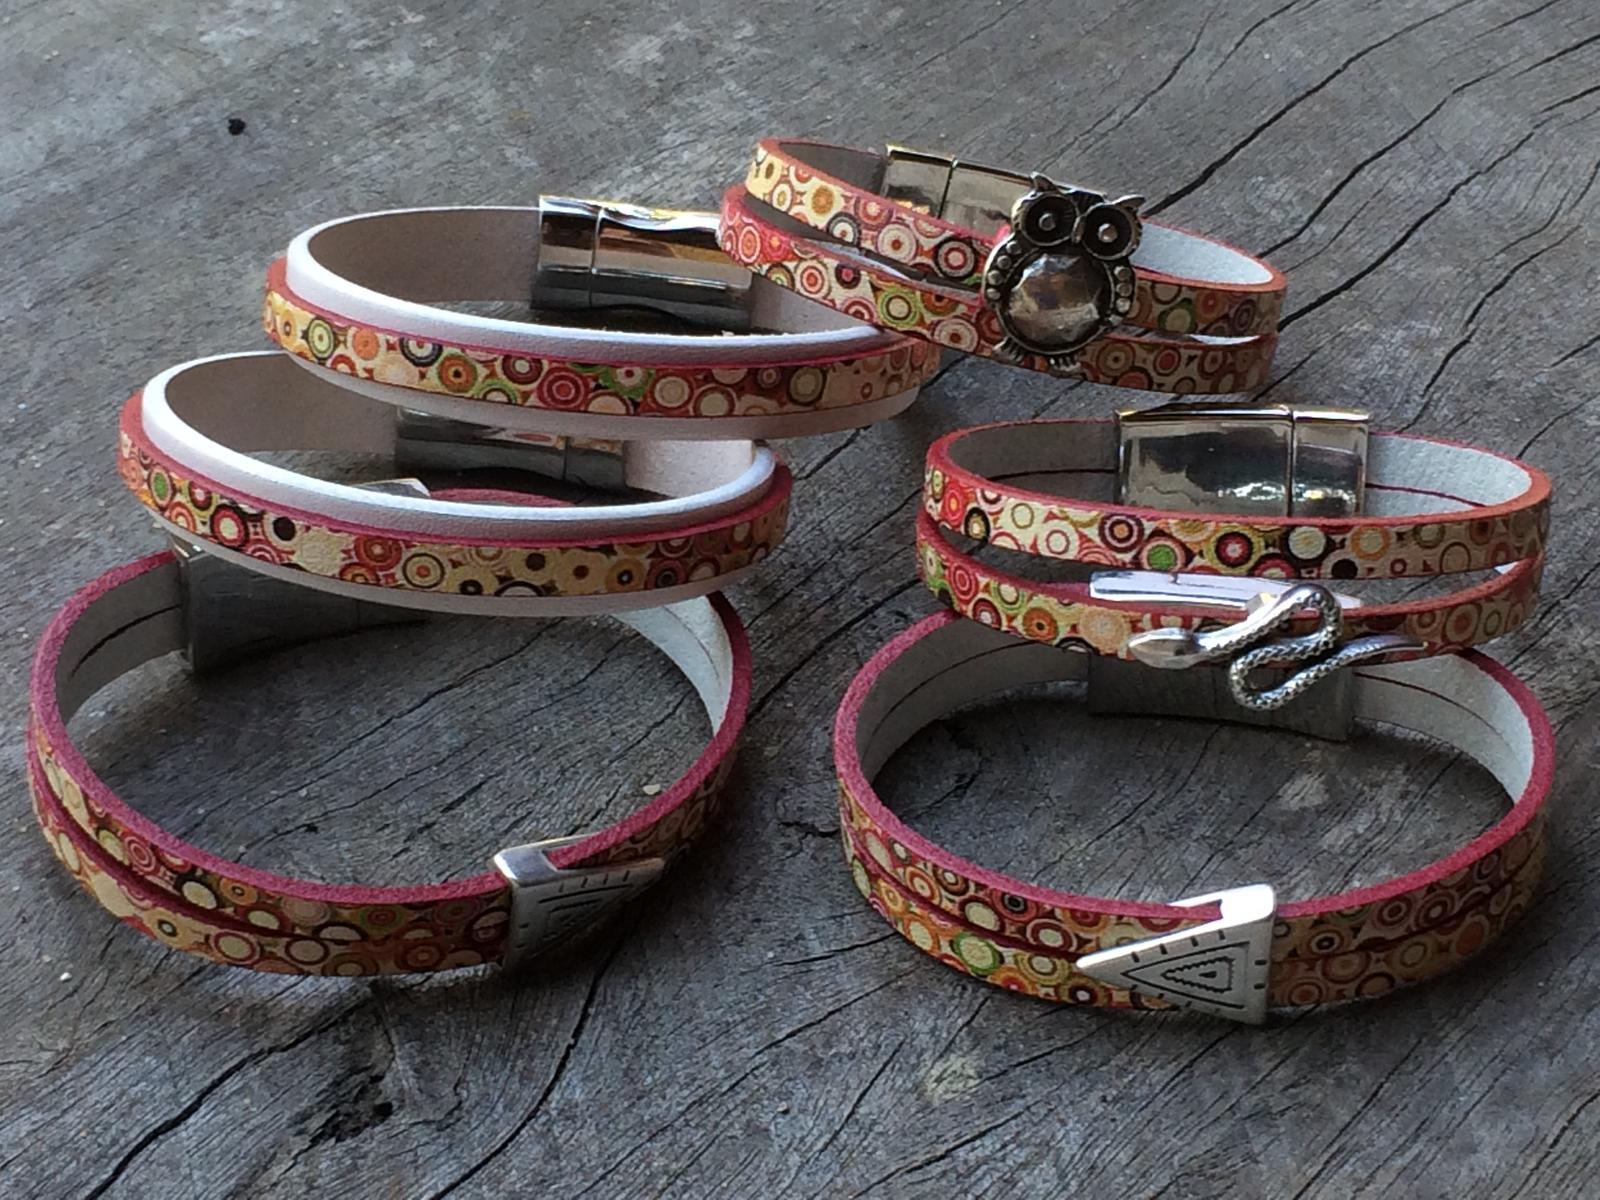 Polkadot leather bracelets